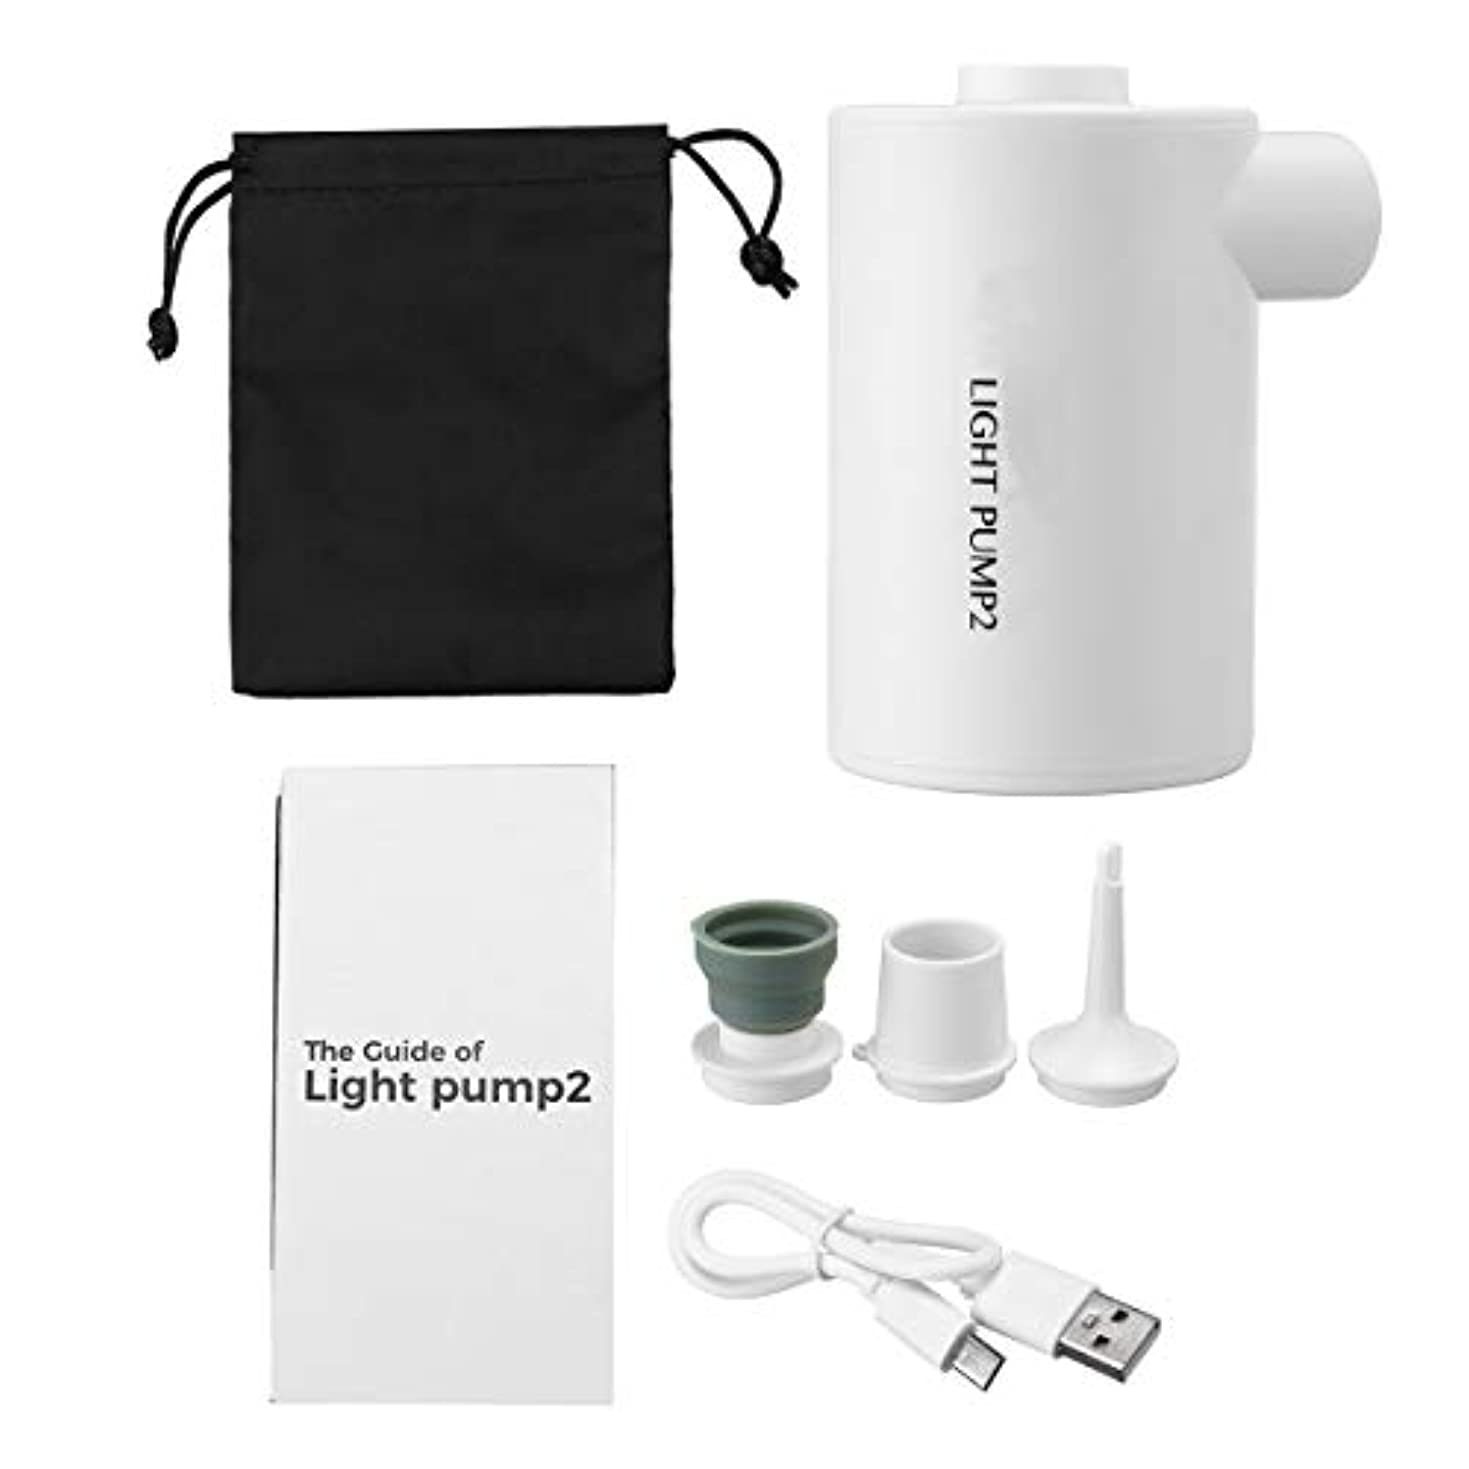 契約製造業住所JVSISM 屋外キャンプ Usb電動エアポンプ 高速かつ便利なエアポンプ ポータブル 超軽量 ミニポンププール エアクッション寝袋エアポンプ